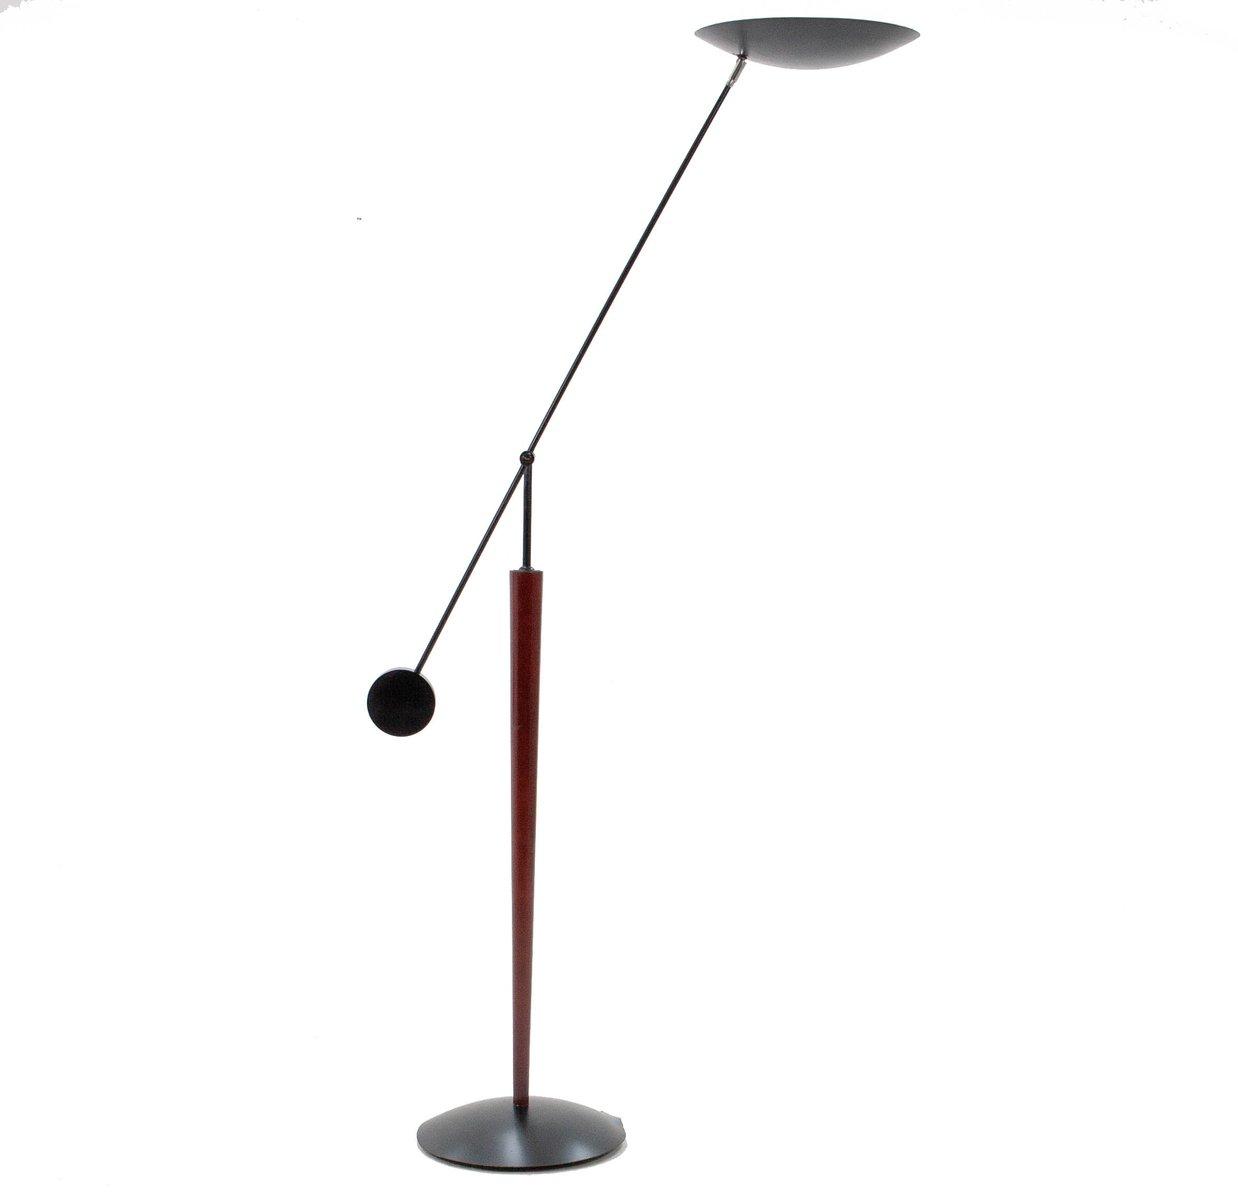 Balance Stehlampe mit Gegengewicht von Herda, 1980er